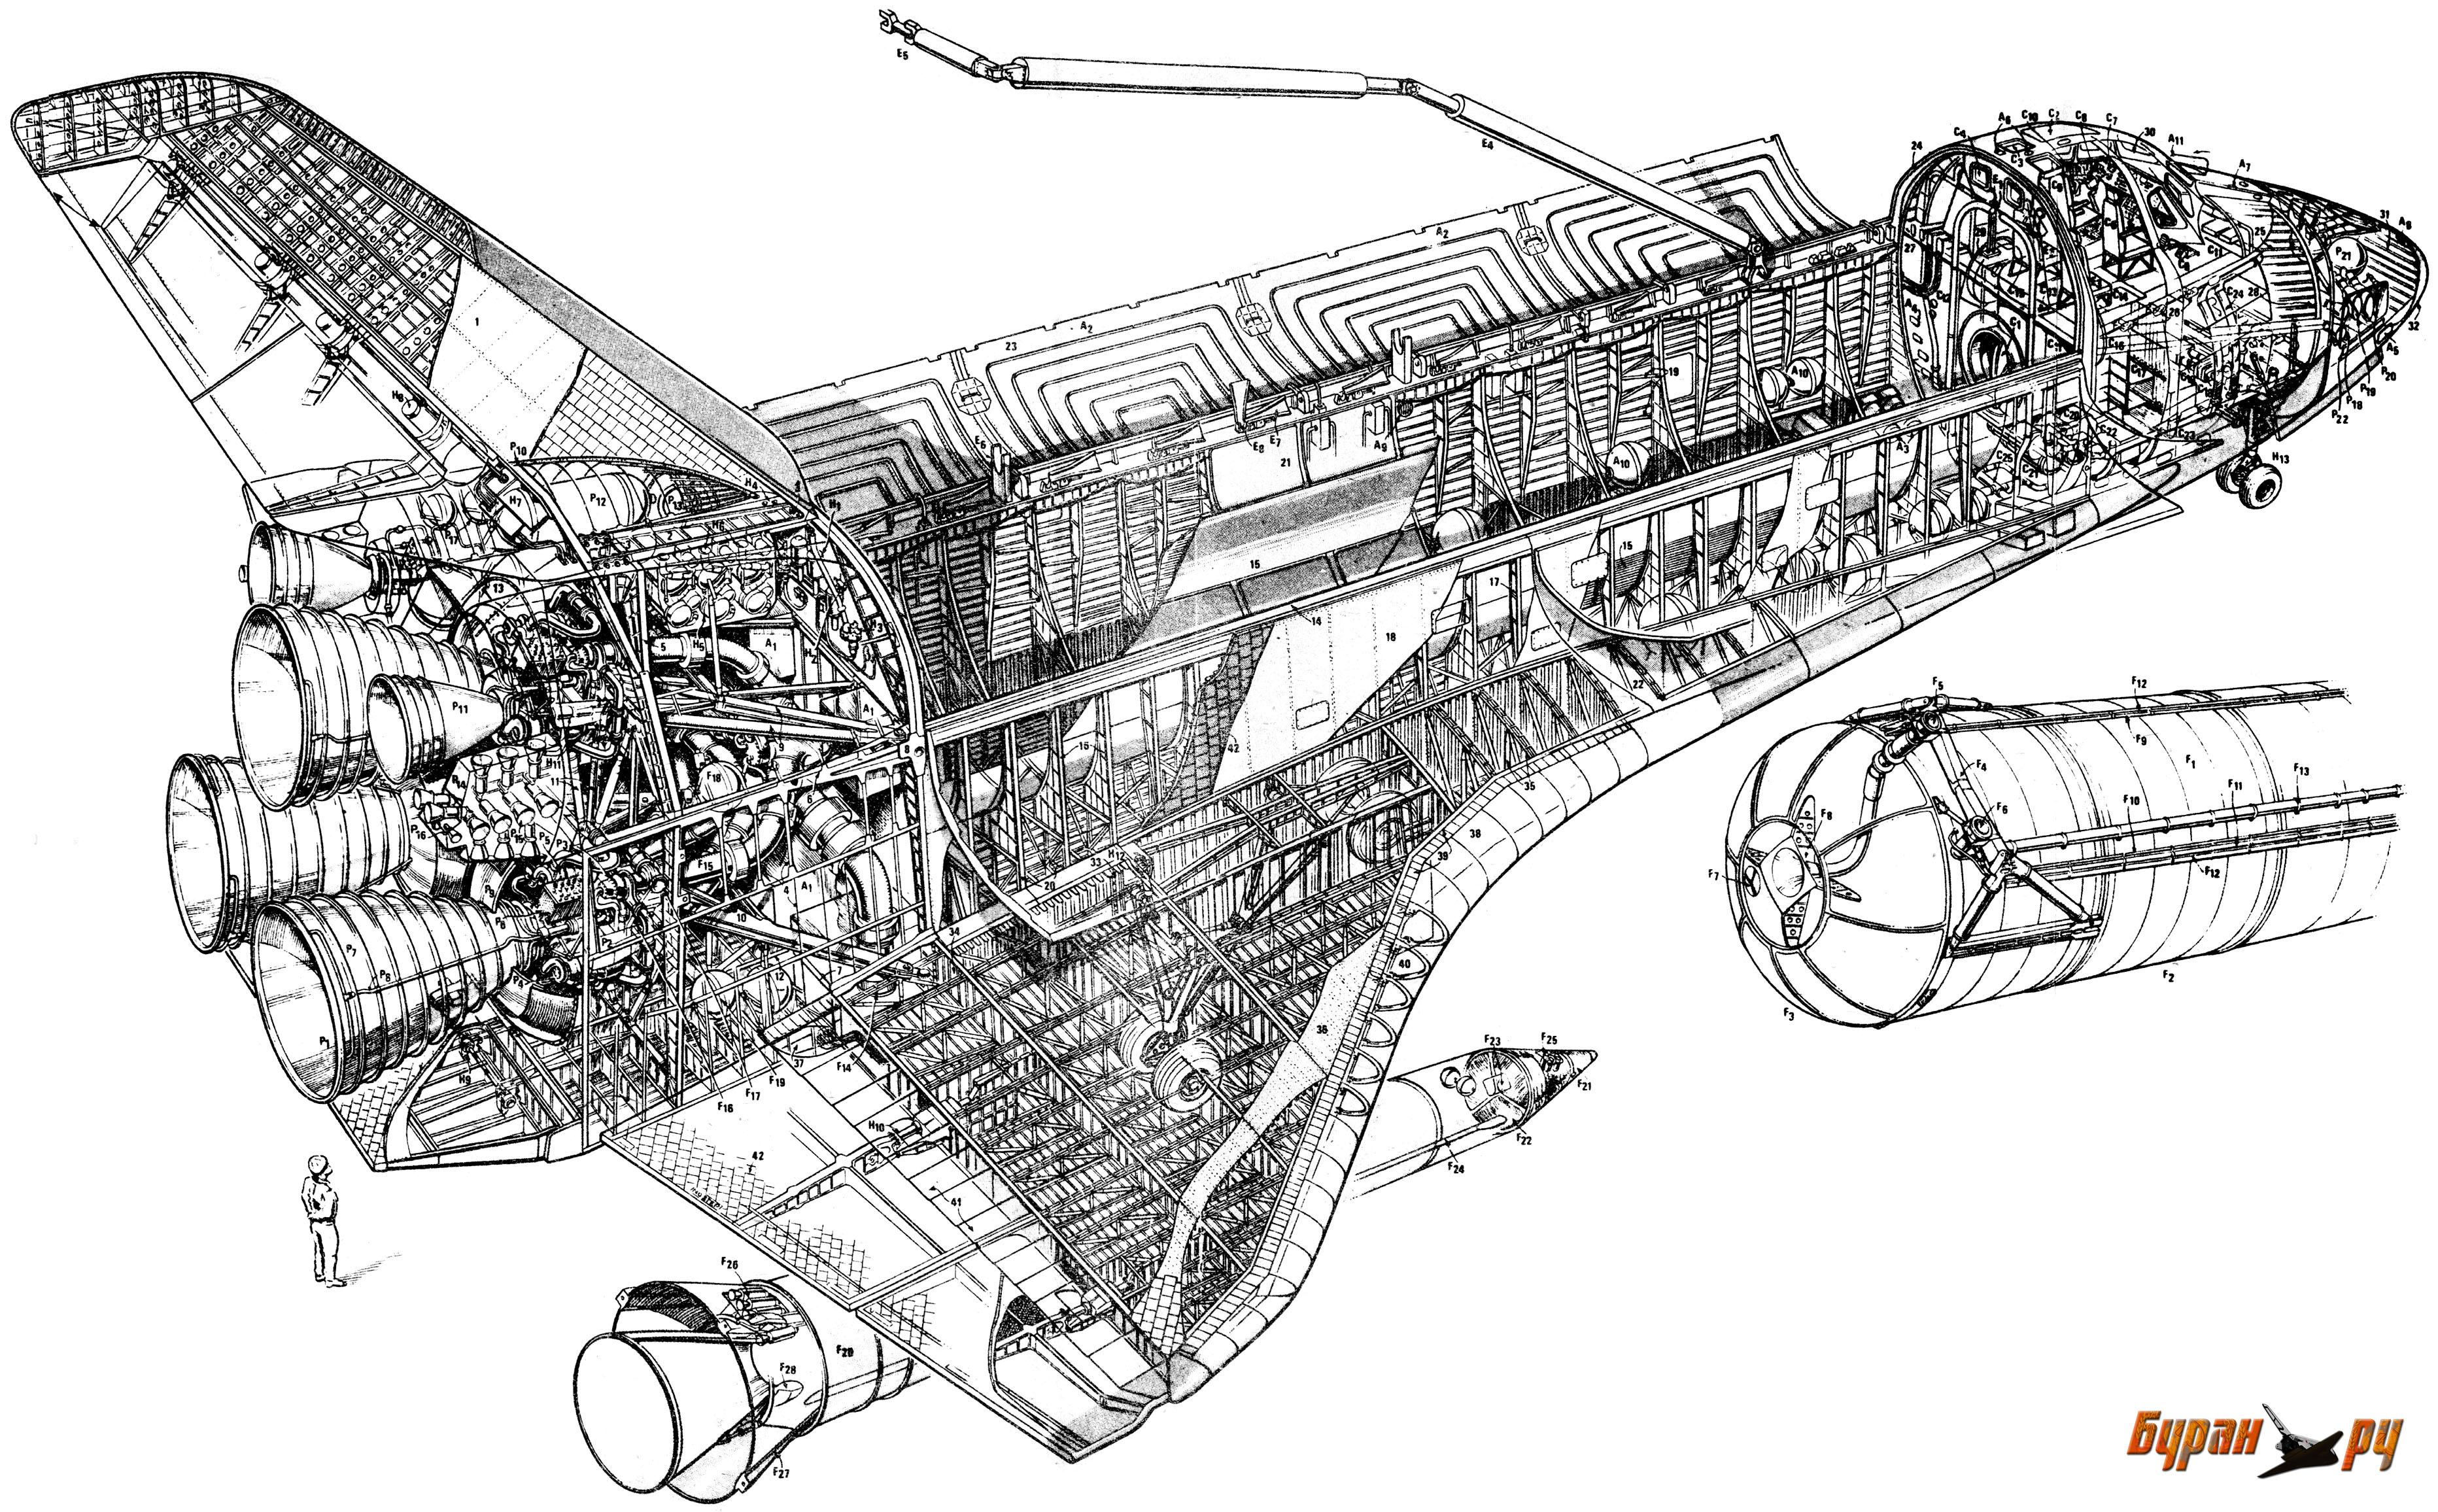 конструктивно-компоновочная схема Space Shuttle